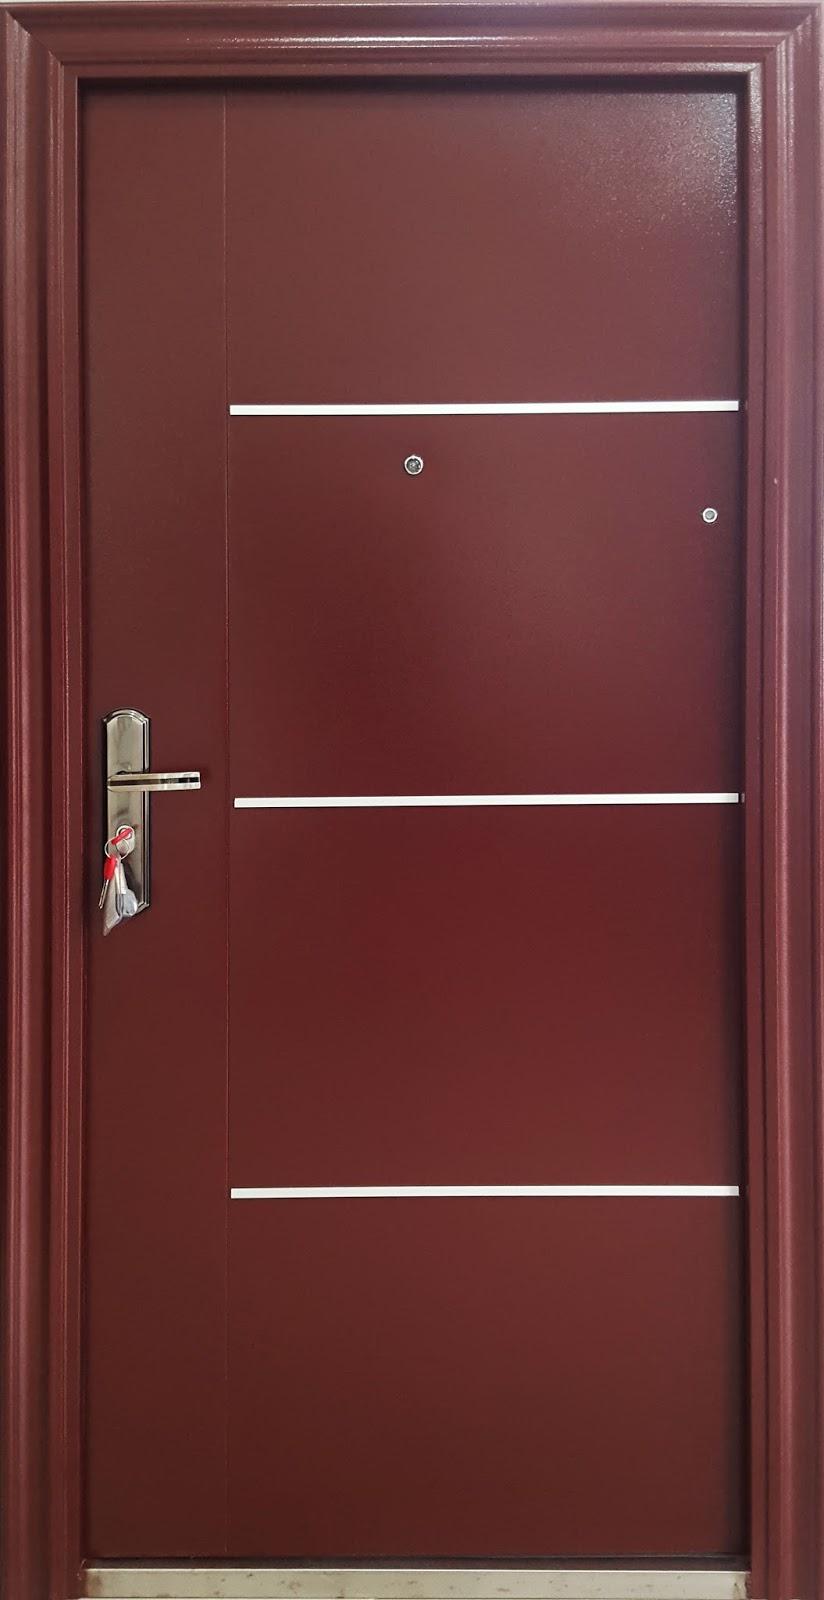 Puertas de seguridad estilo europeo ventanas de aluminio - Puertas blindadas a medida ...